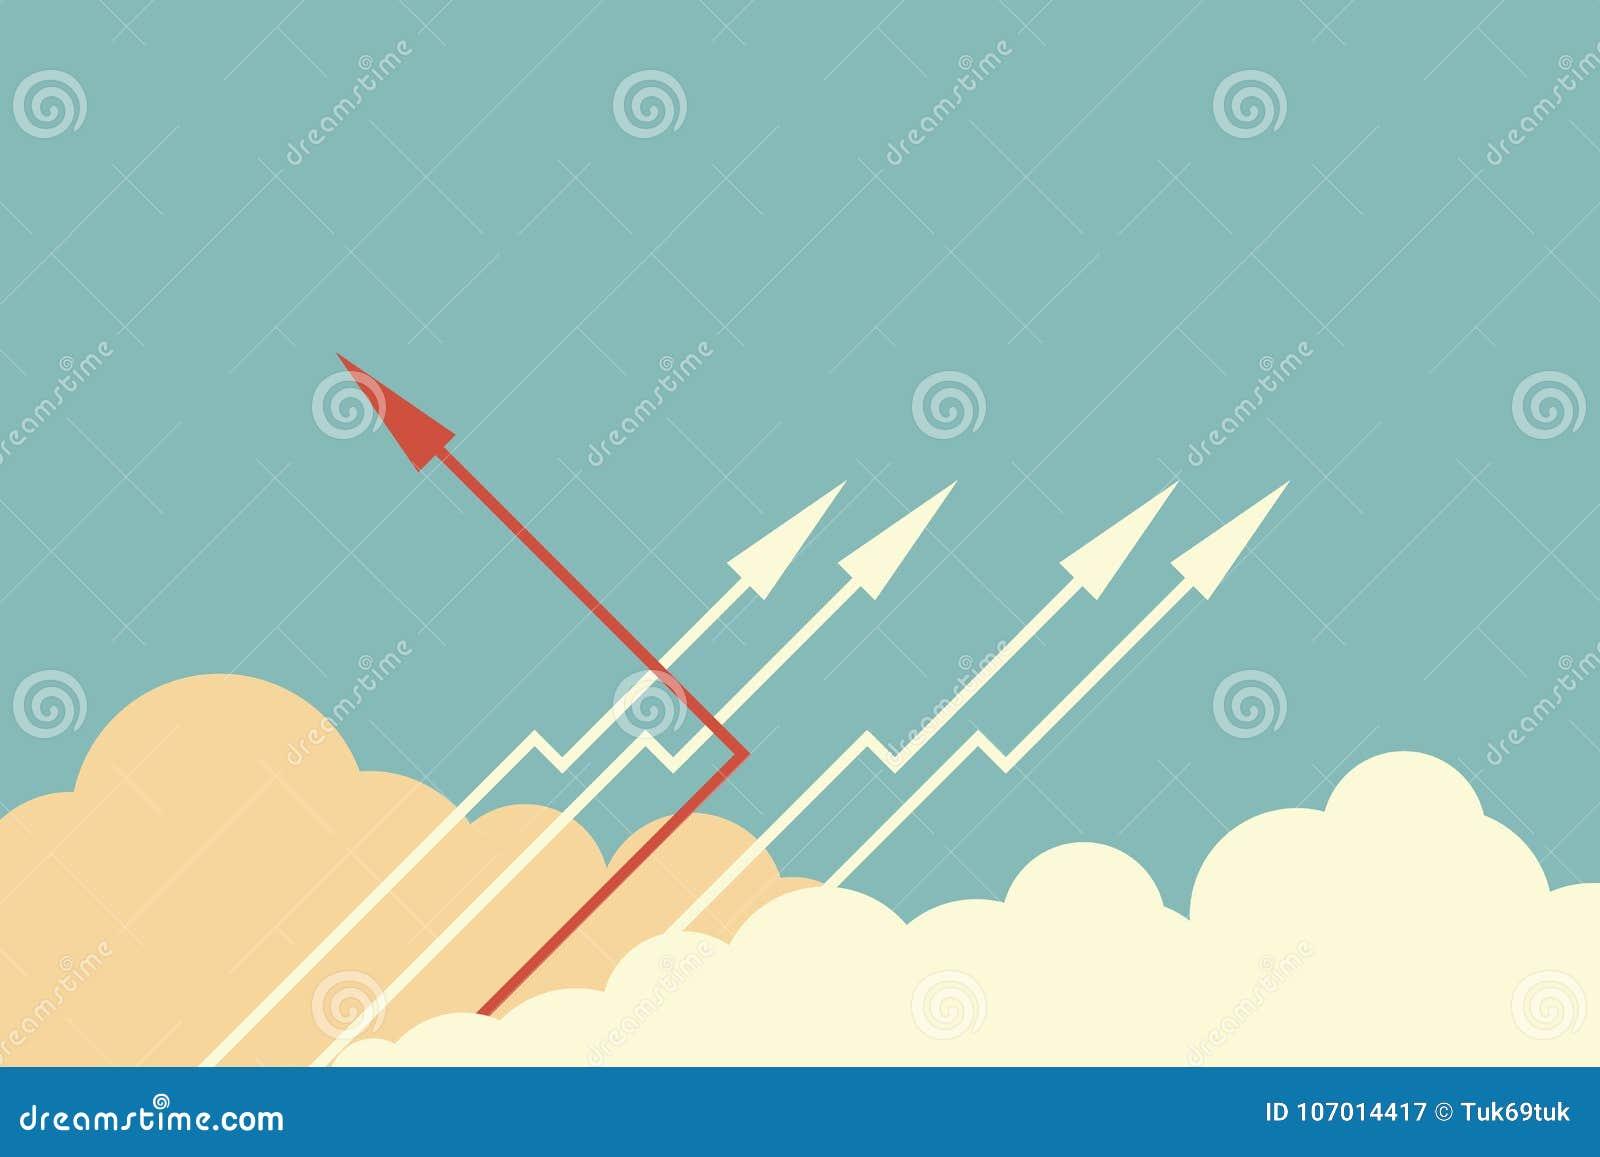 ändernde Richtung und Weiß des roten Pfeiles eine Neue Idee, Änderung, Tendenz, Mut, kreative Lösung, Geschäft, innova